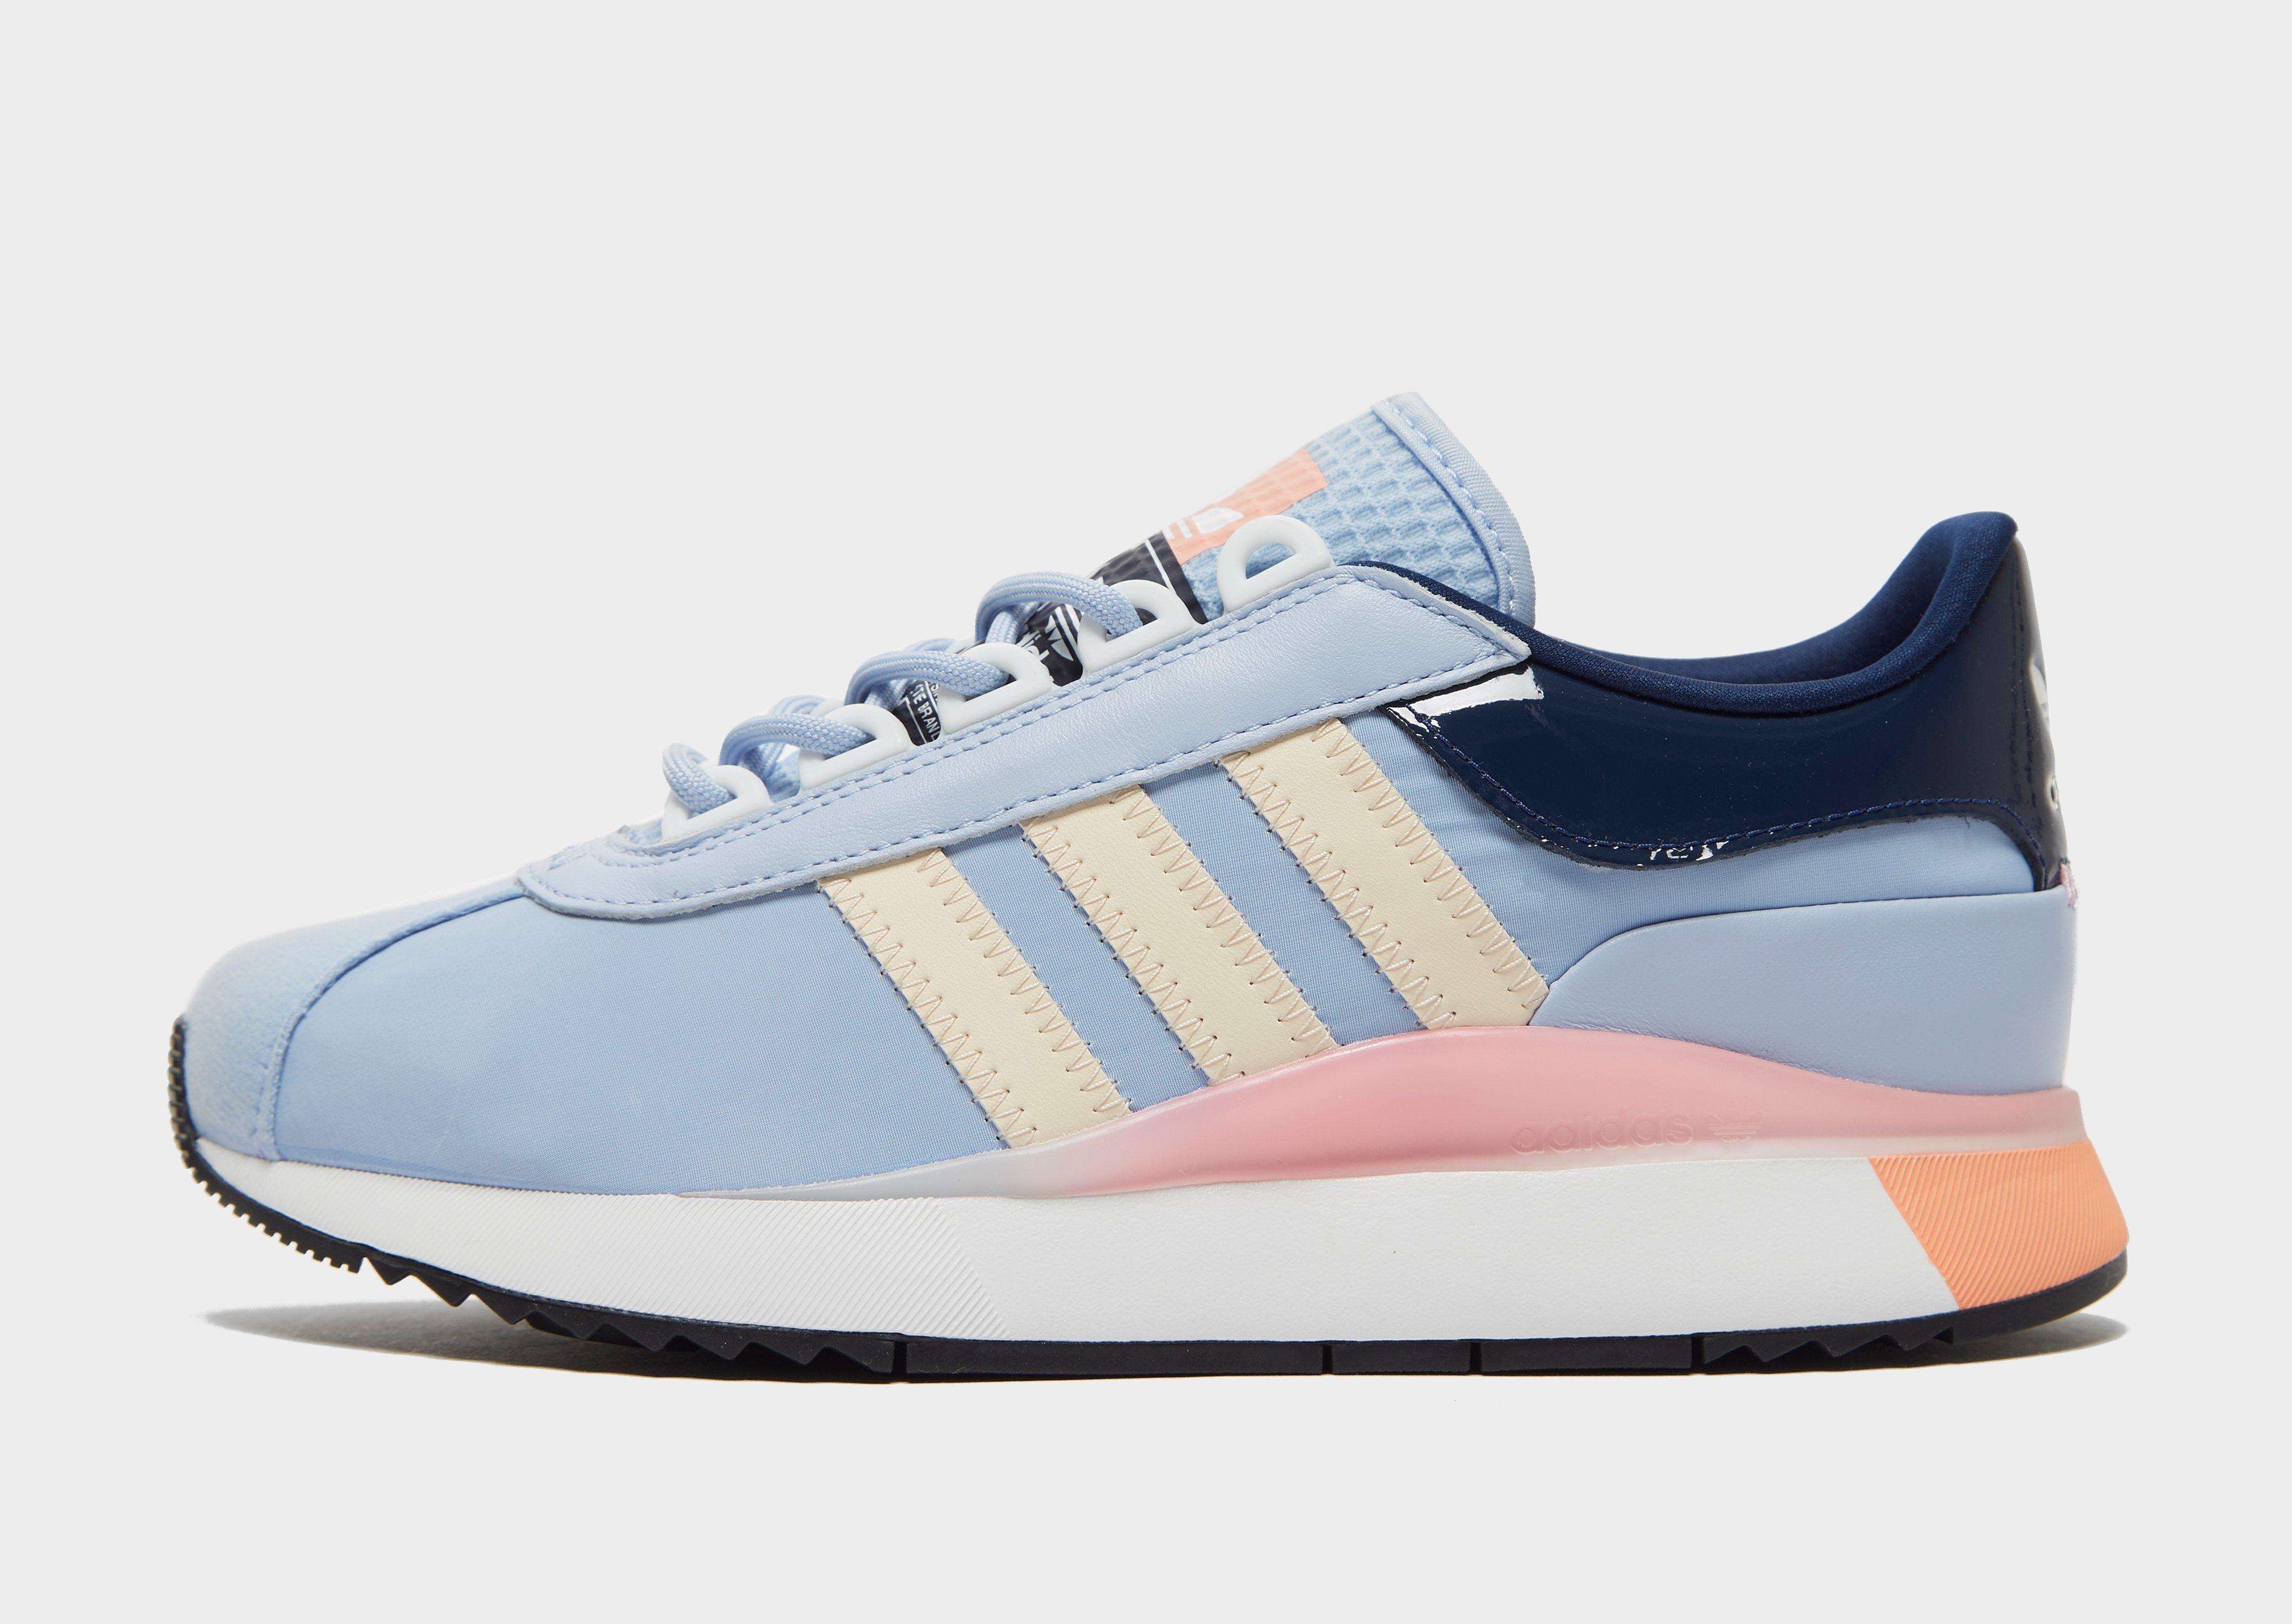 Shop online for adidas Originals SL Andridge Women's with